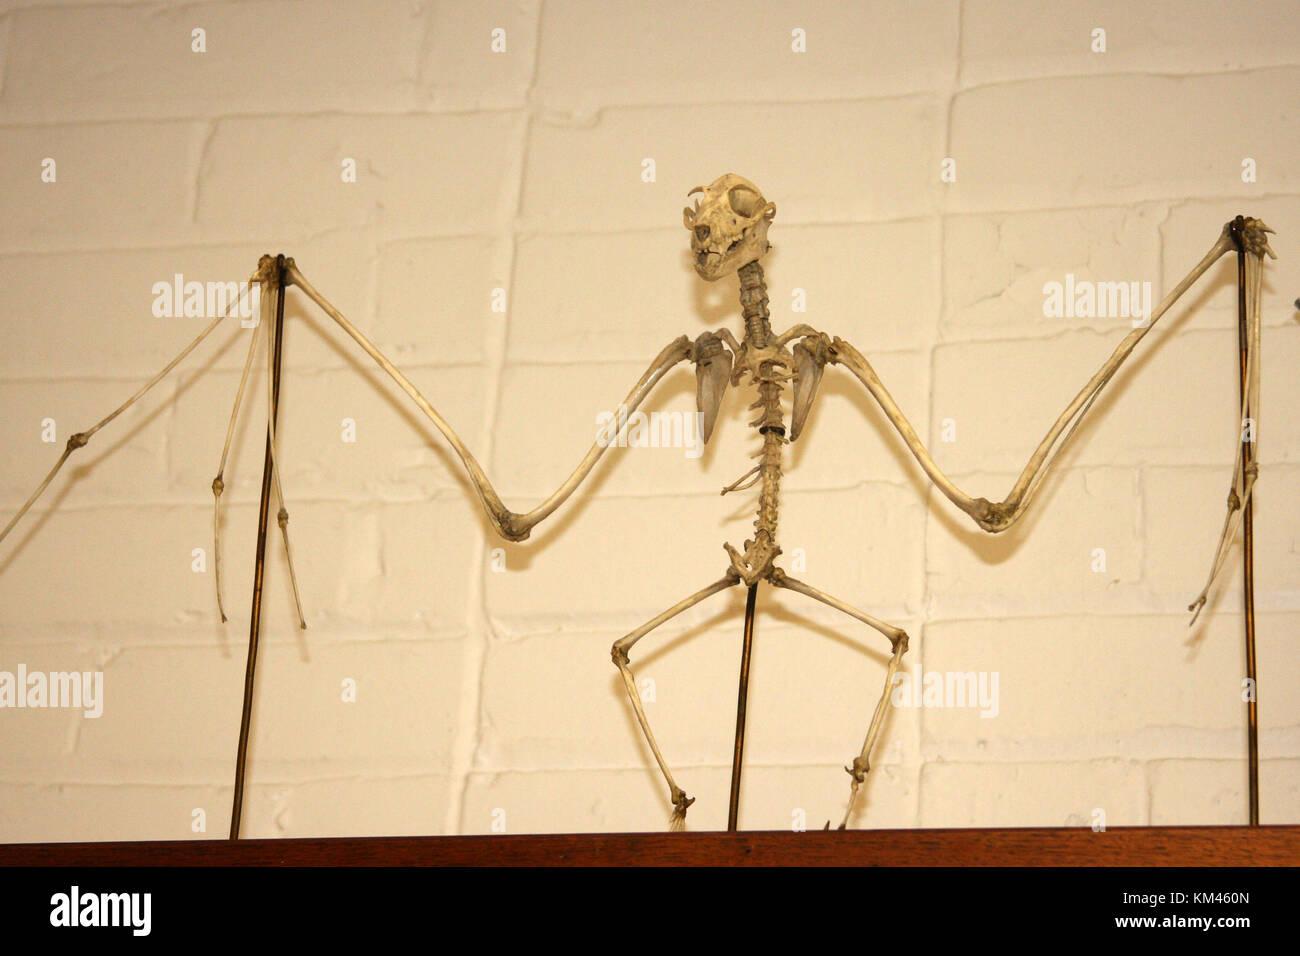 Skeleton of bat - Stock Image